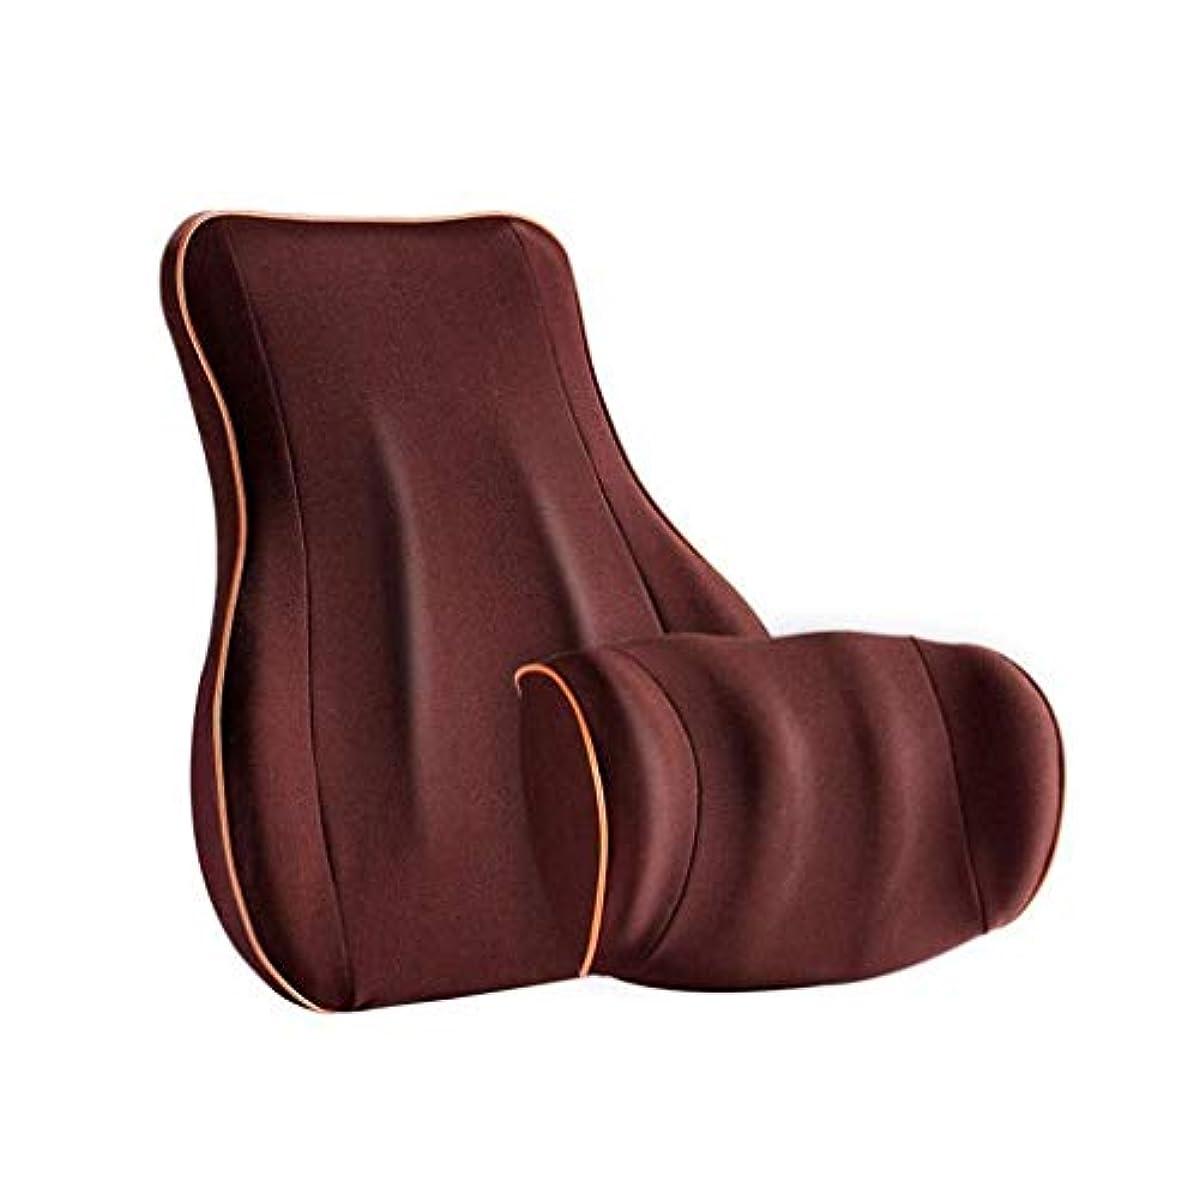 お金ほかに在庫腰椎枕と首の枕、腰椎サポート枕低反発コットン、人間工学に基づいた低反発フォームのデザイン、腰と首の疲れや痛みを軽減?防止する、長距離運転オフィスに最適 (Color : Brown)